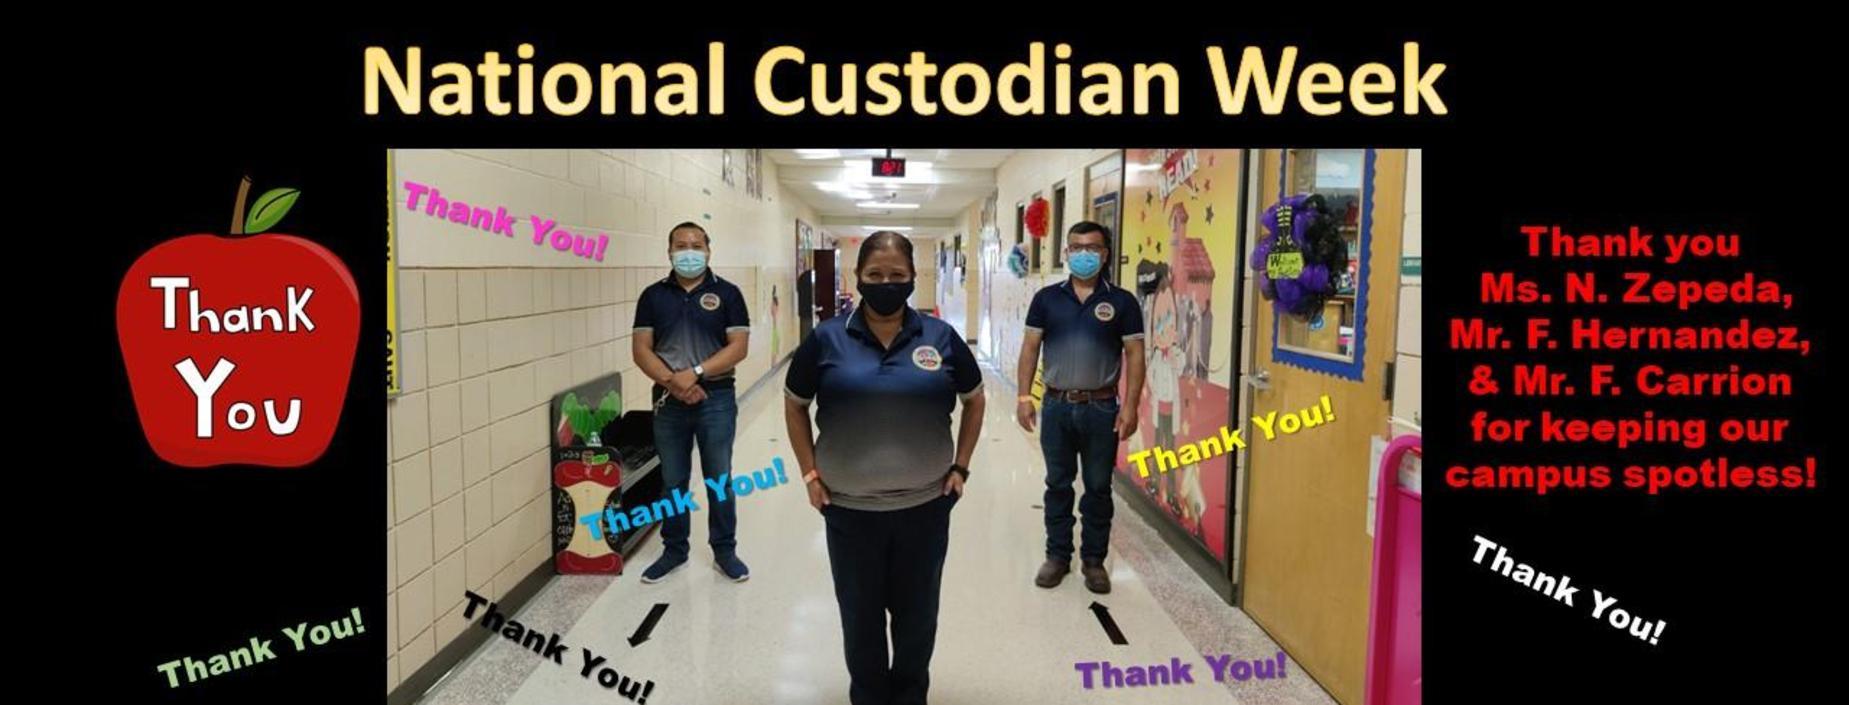 custodian week